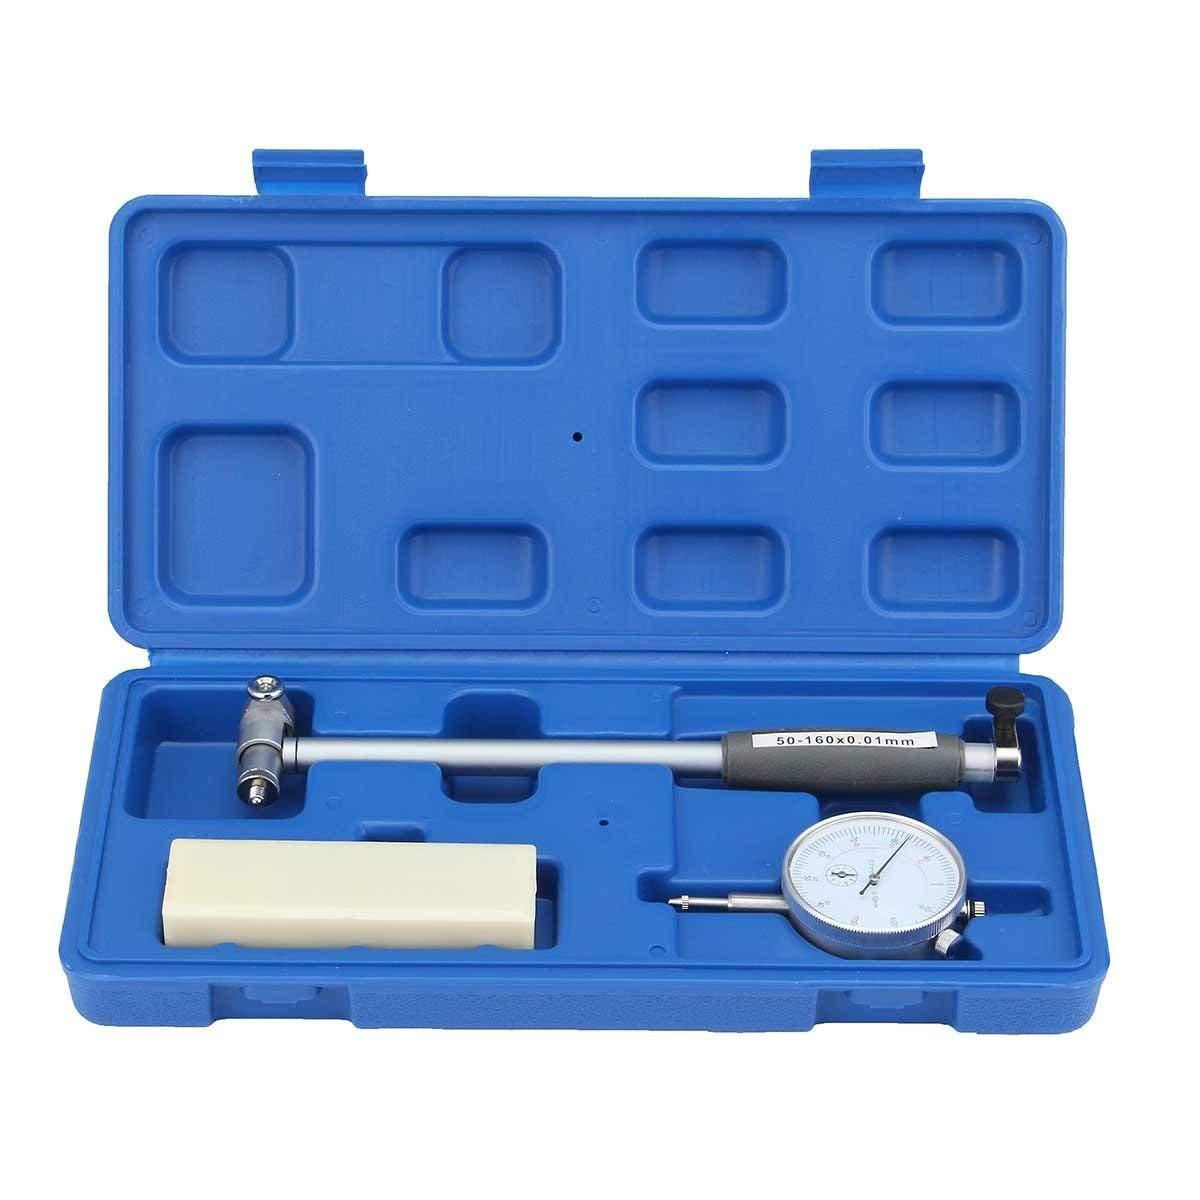 Inner Diameter Dial Bore Gauge Range 50-160MM Indicator Table - Motorcycle Maintenance & Repair Tools - 1 X Dial Bore Gauge, 1 X Guide Bridge